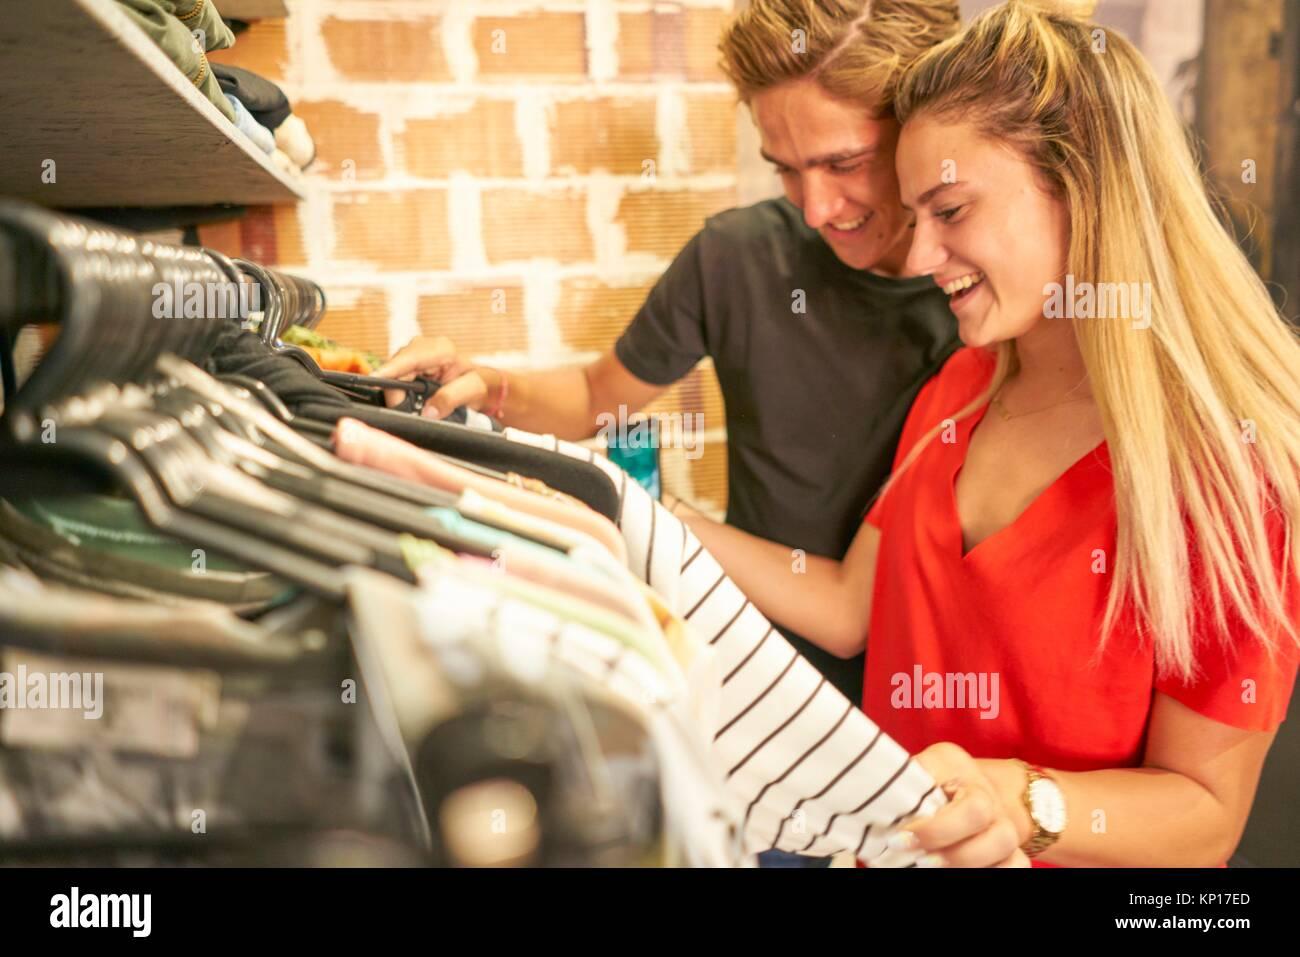 Feliz joven pareja holandesa juntos de compras ropa en tienda de moda de ropa Imagen De Stock